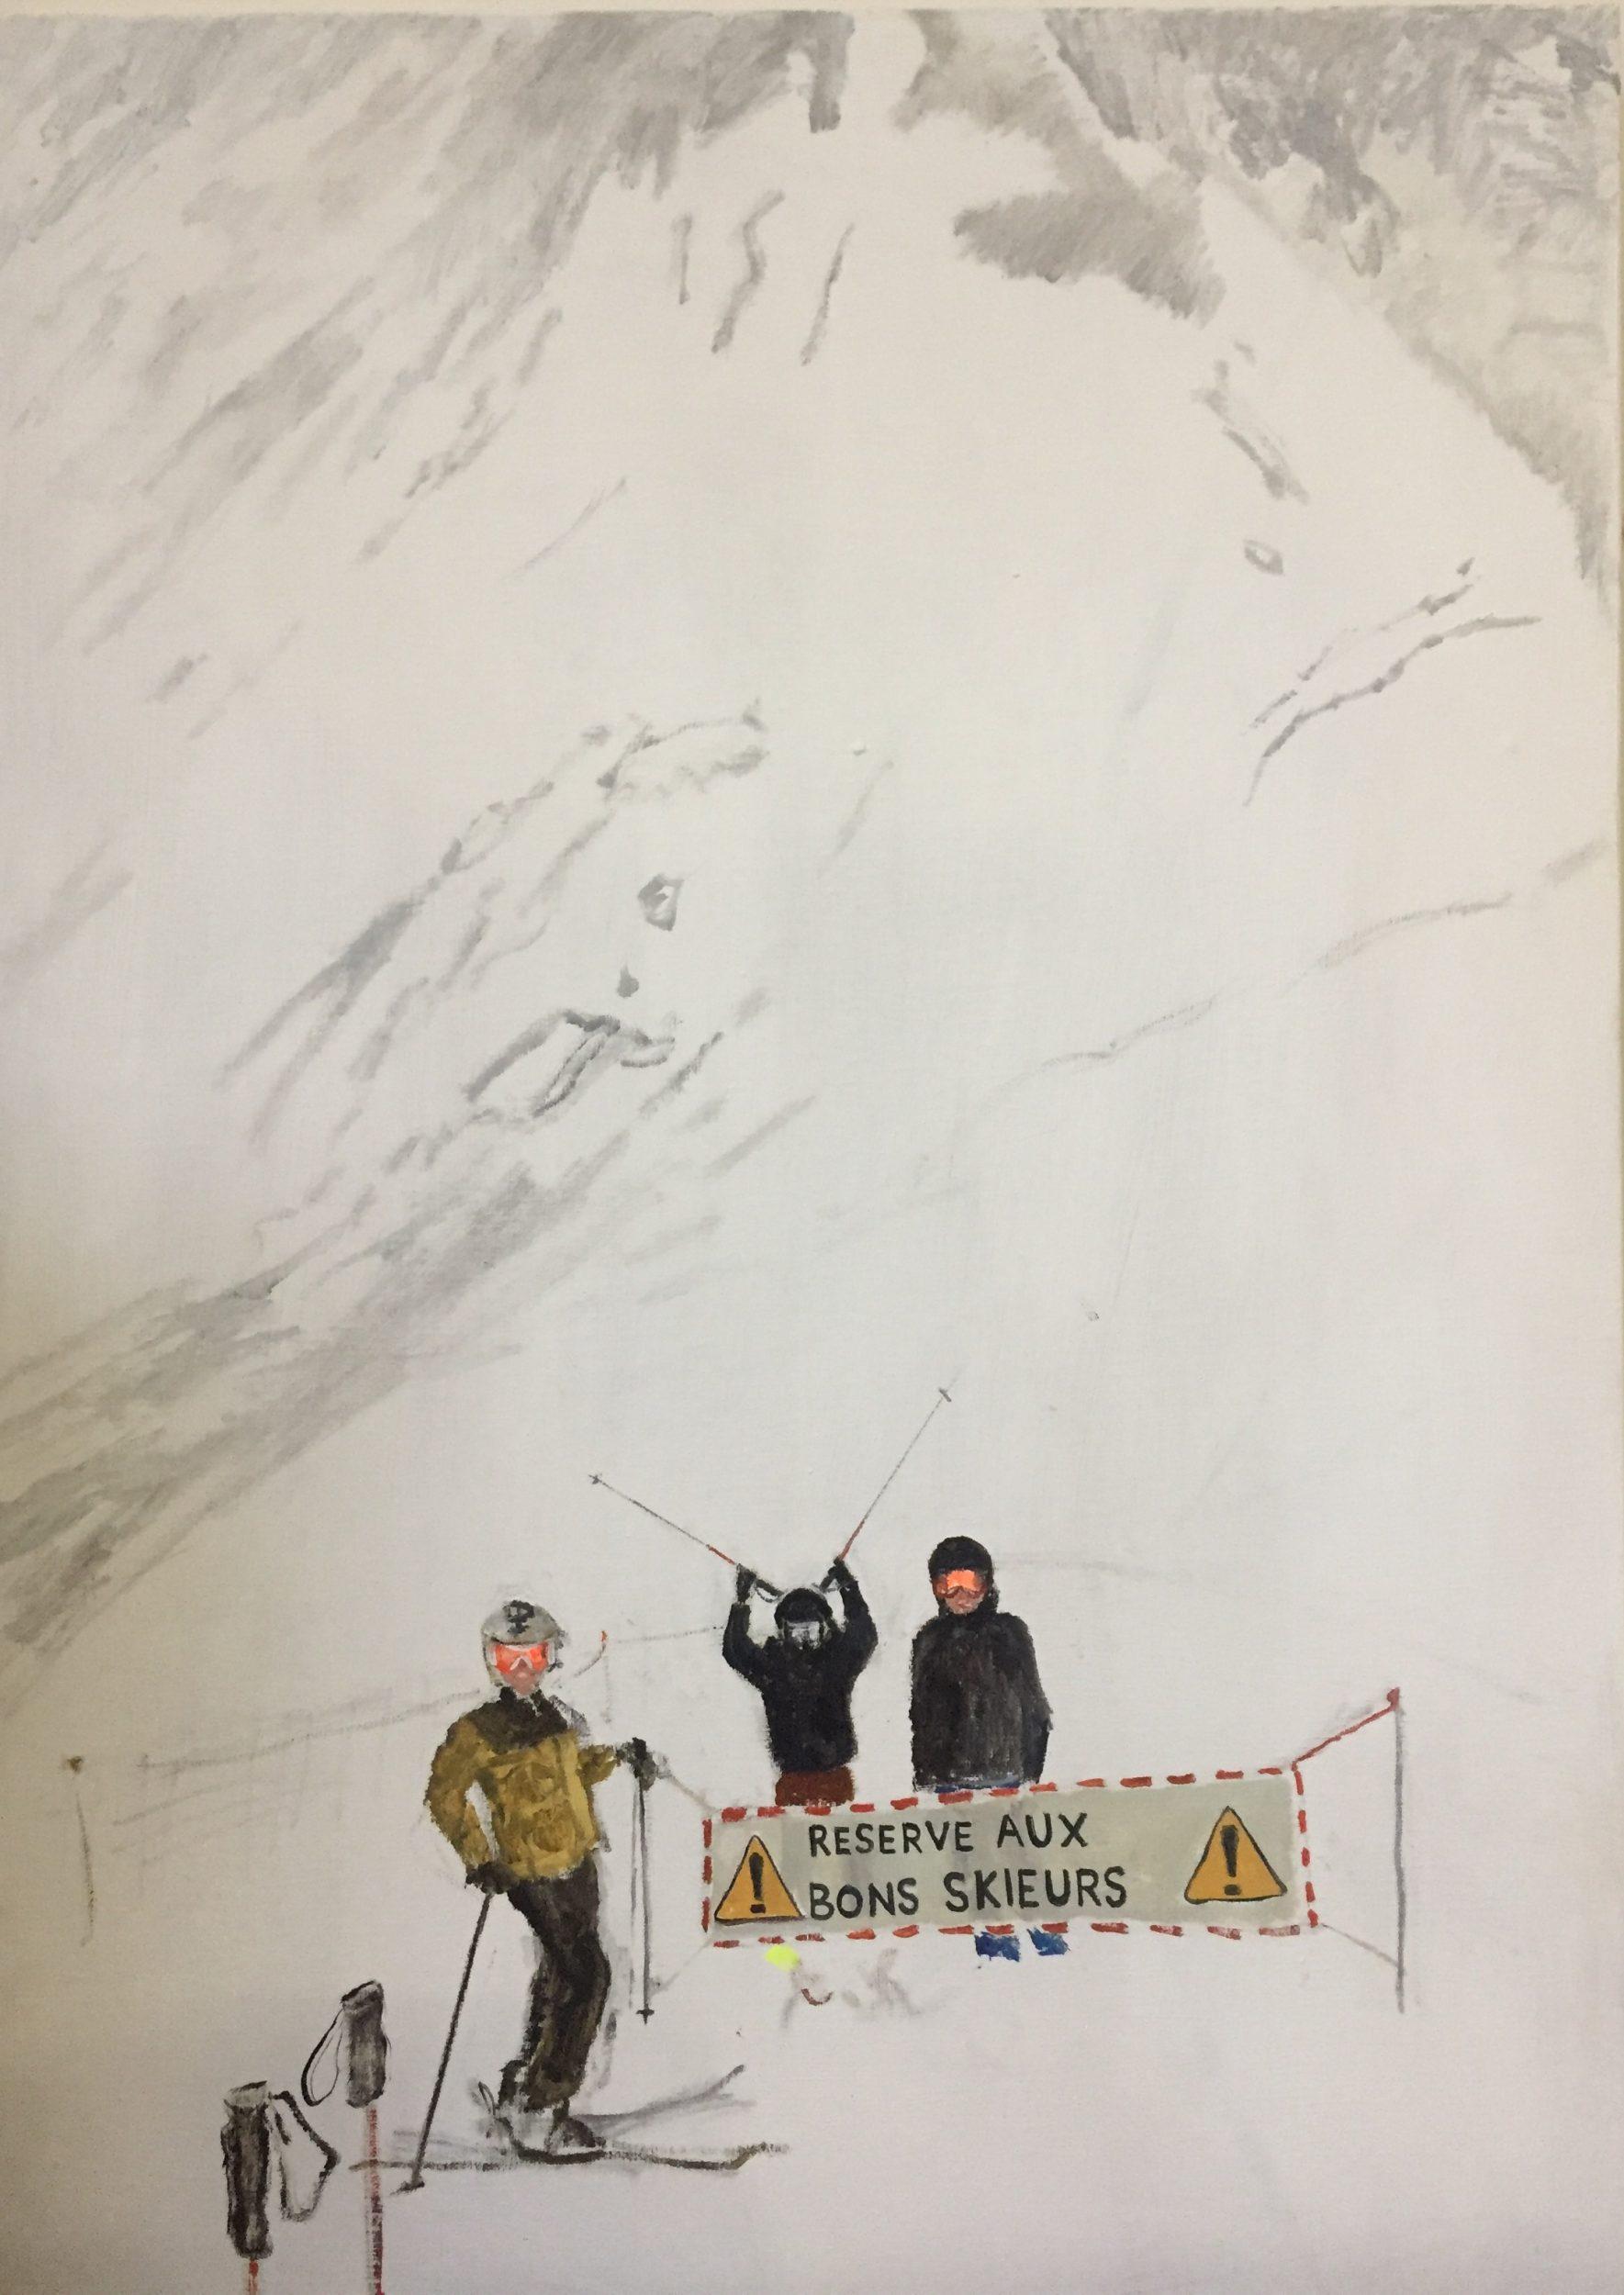 Reservé Aux Bons Skieurs